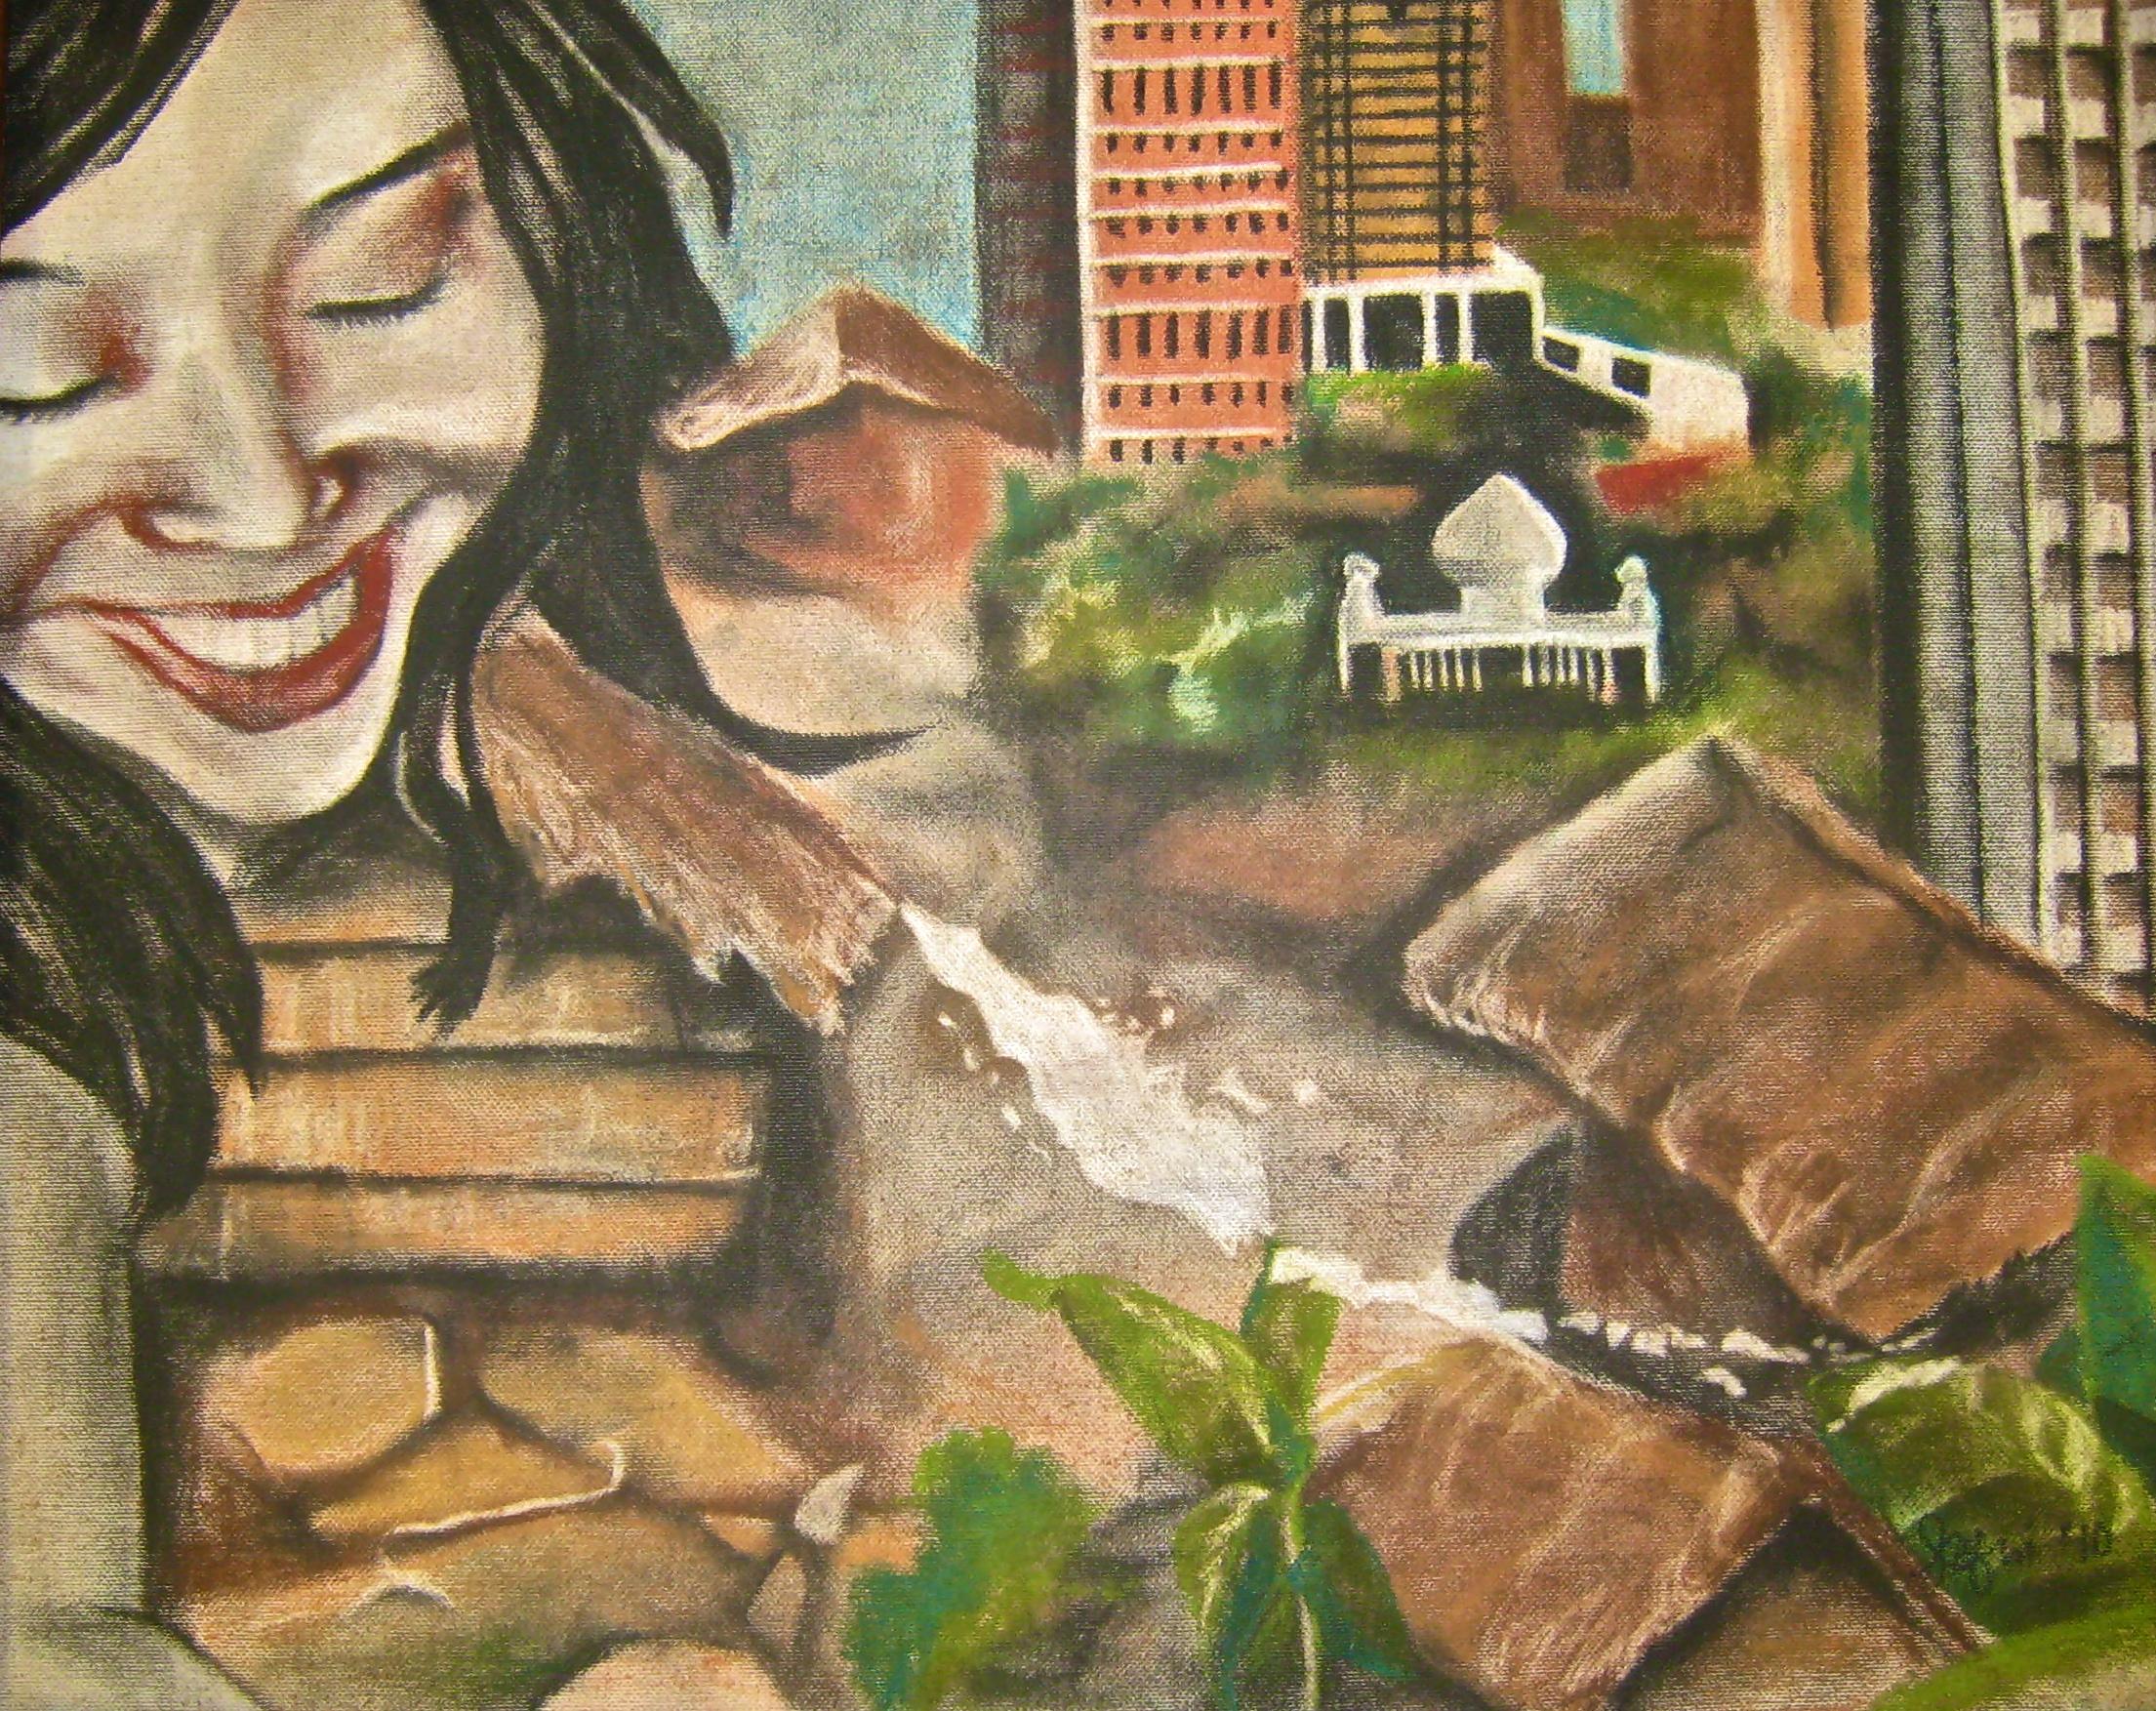 Jacarta - painting by Amy Mfuni